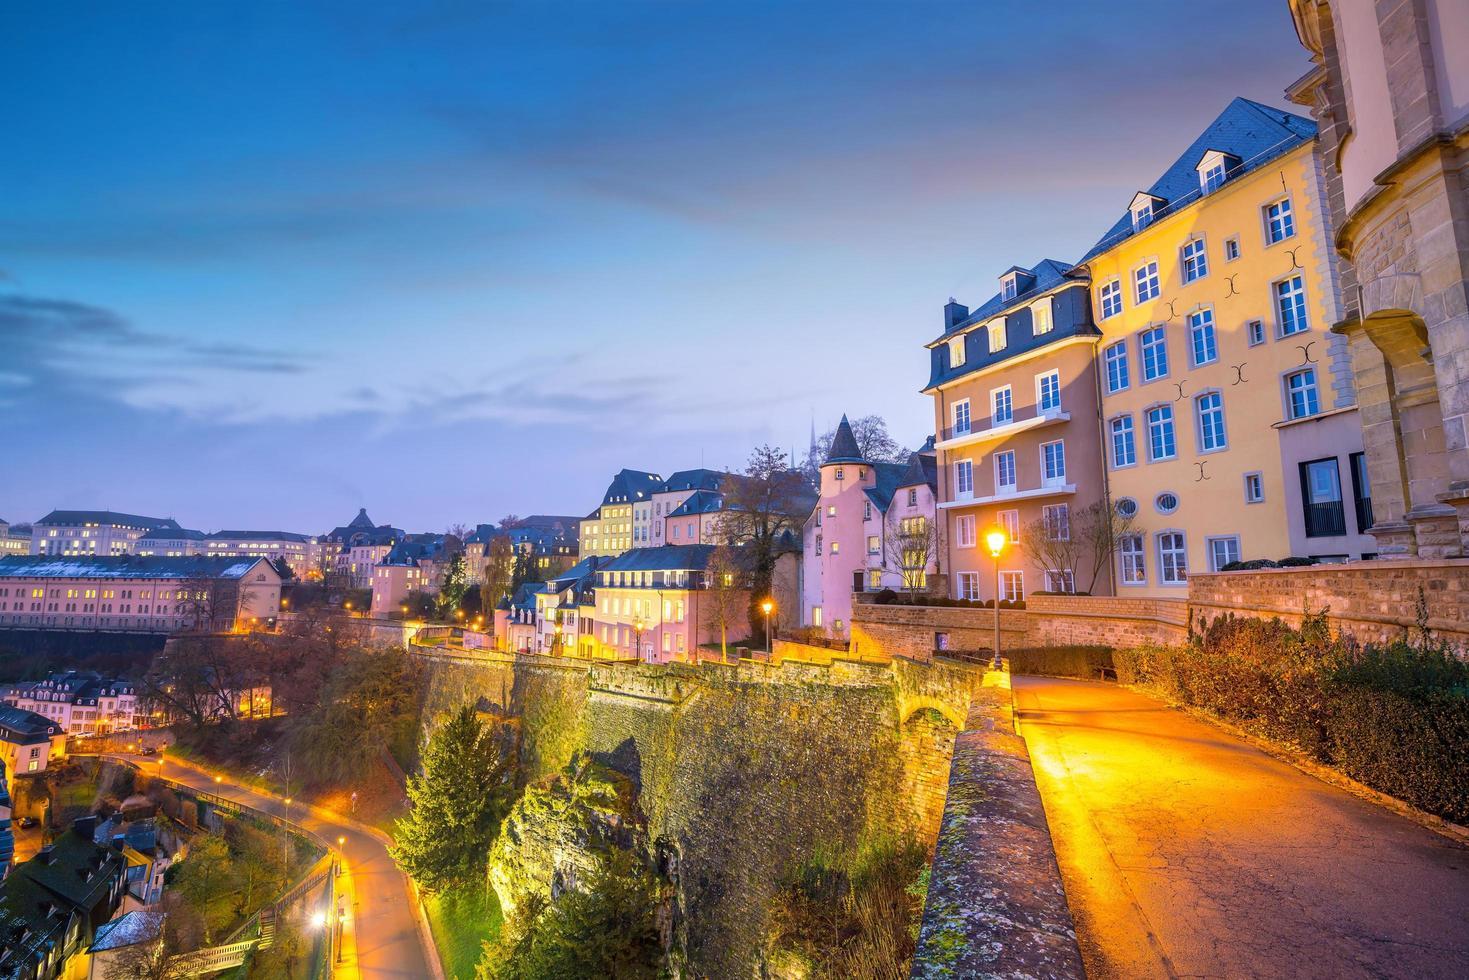 horisont av den gamla staden luxemburg stad från ovanifrån foto